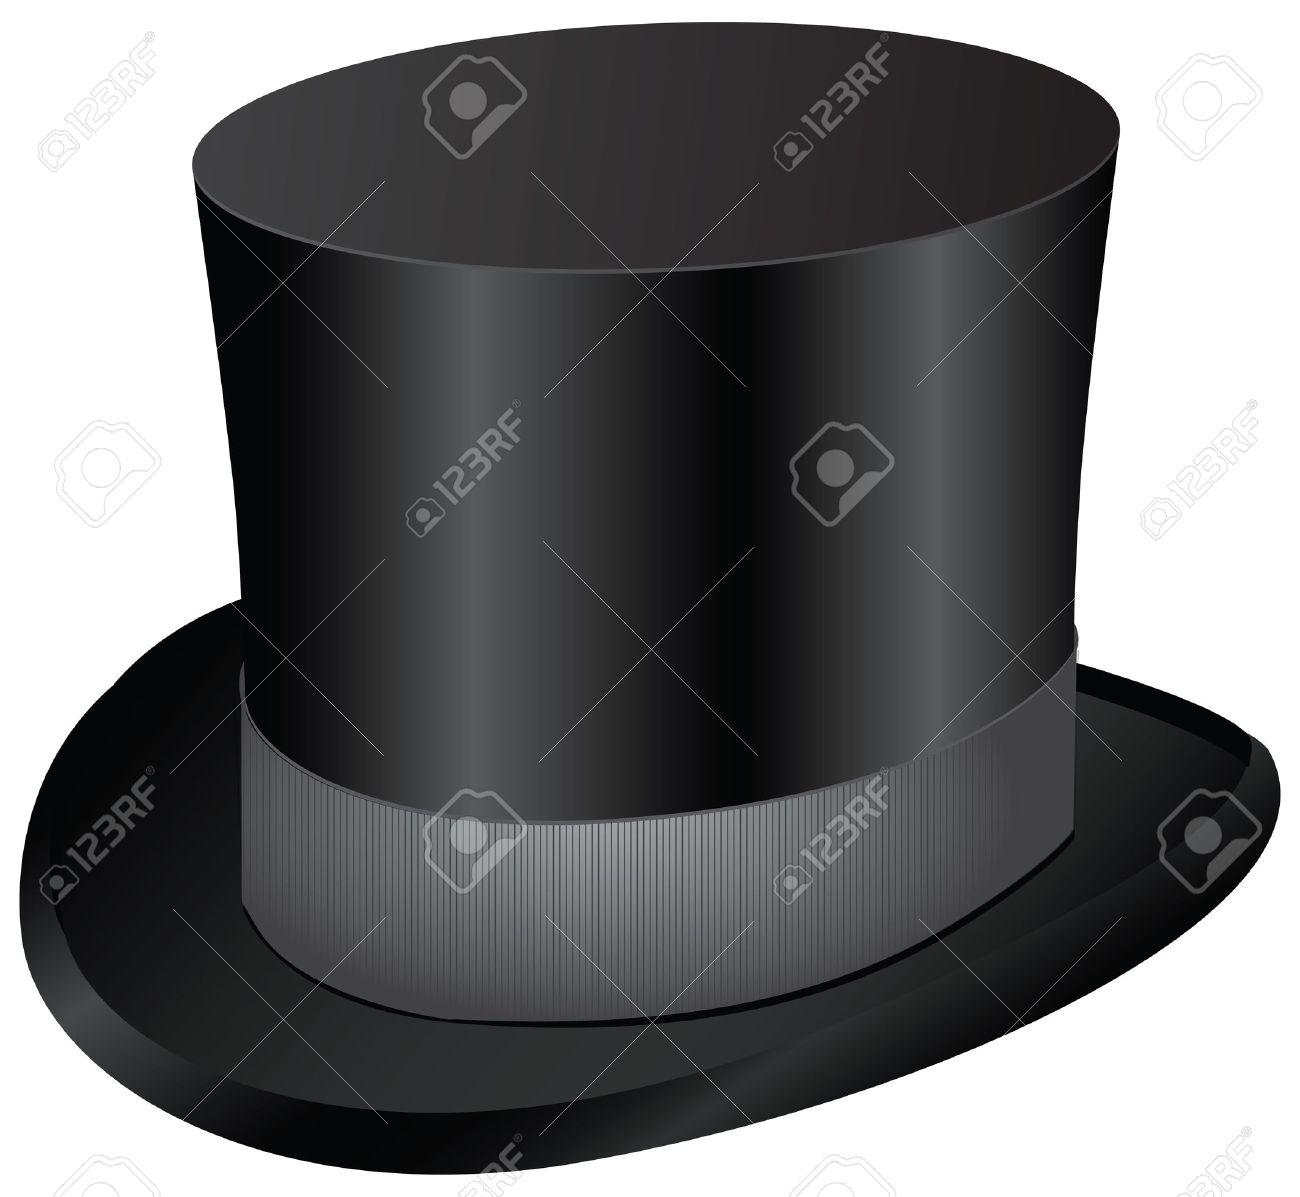 Foto de archivo - Vestido de los hombres Vintage - sombrero de copa negro.  Ilustración del vector. c9e415183337